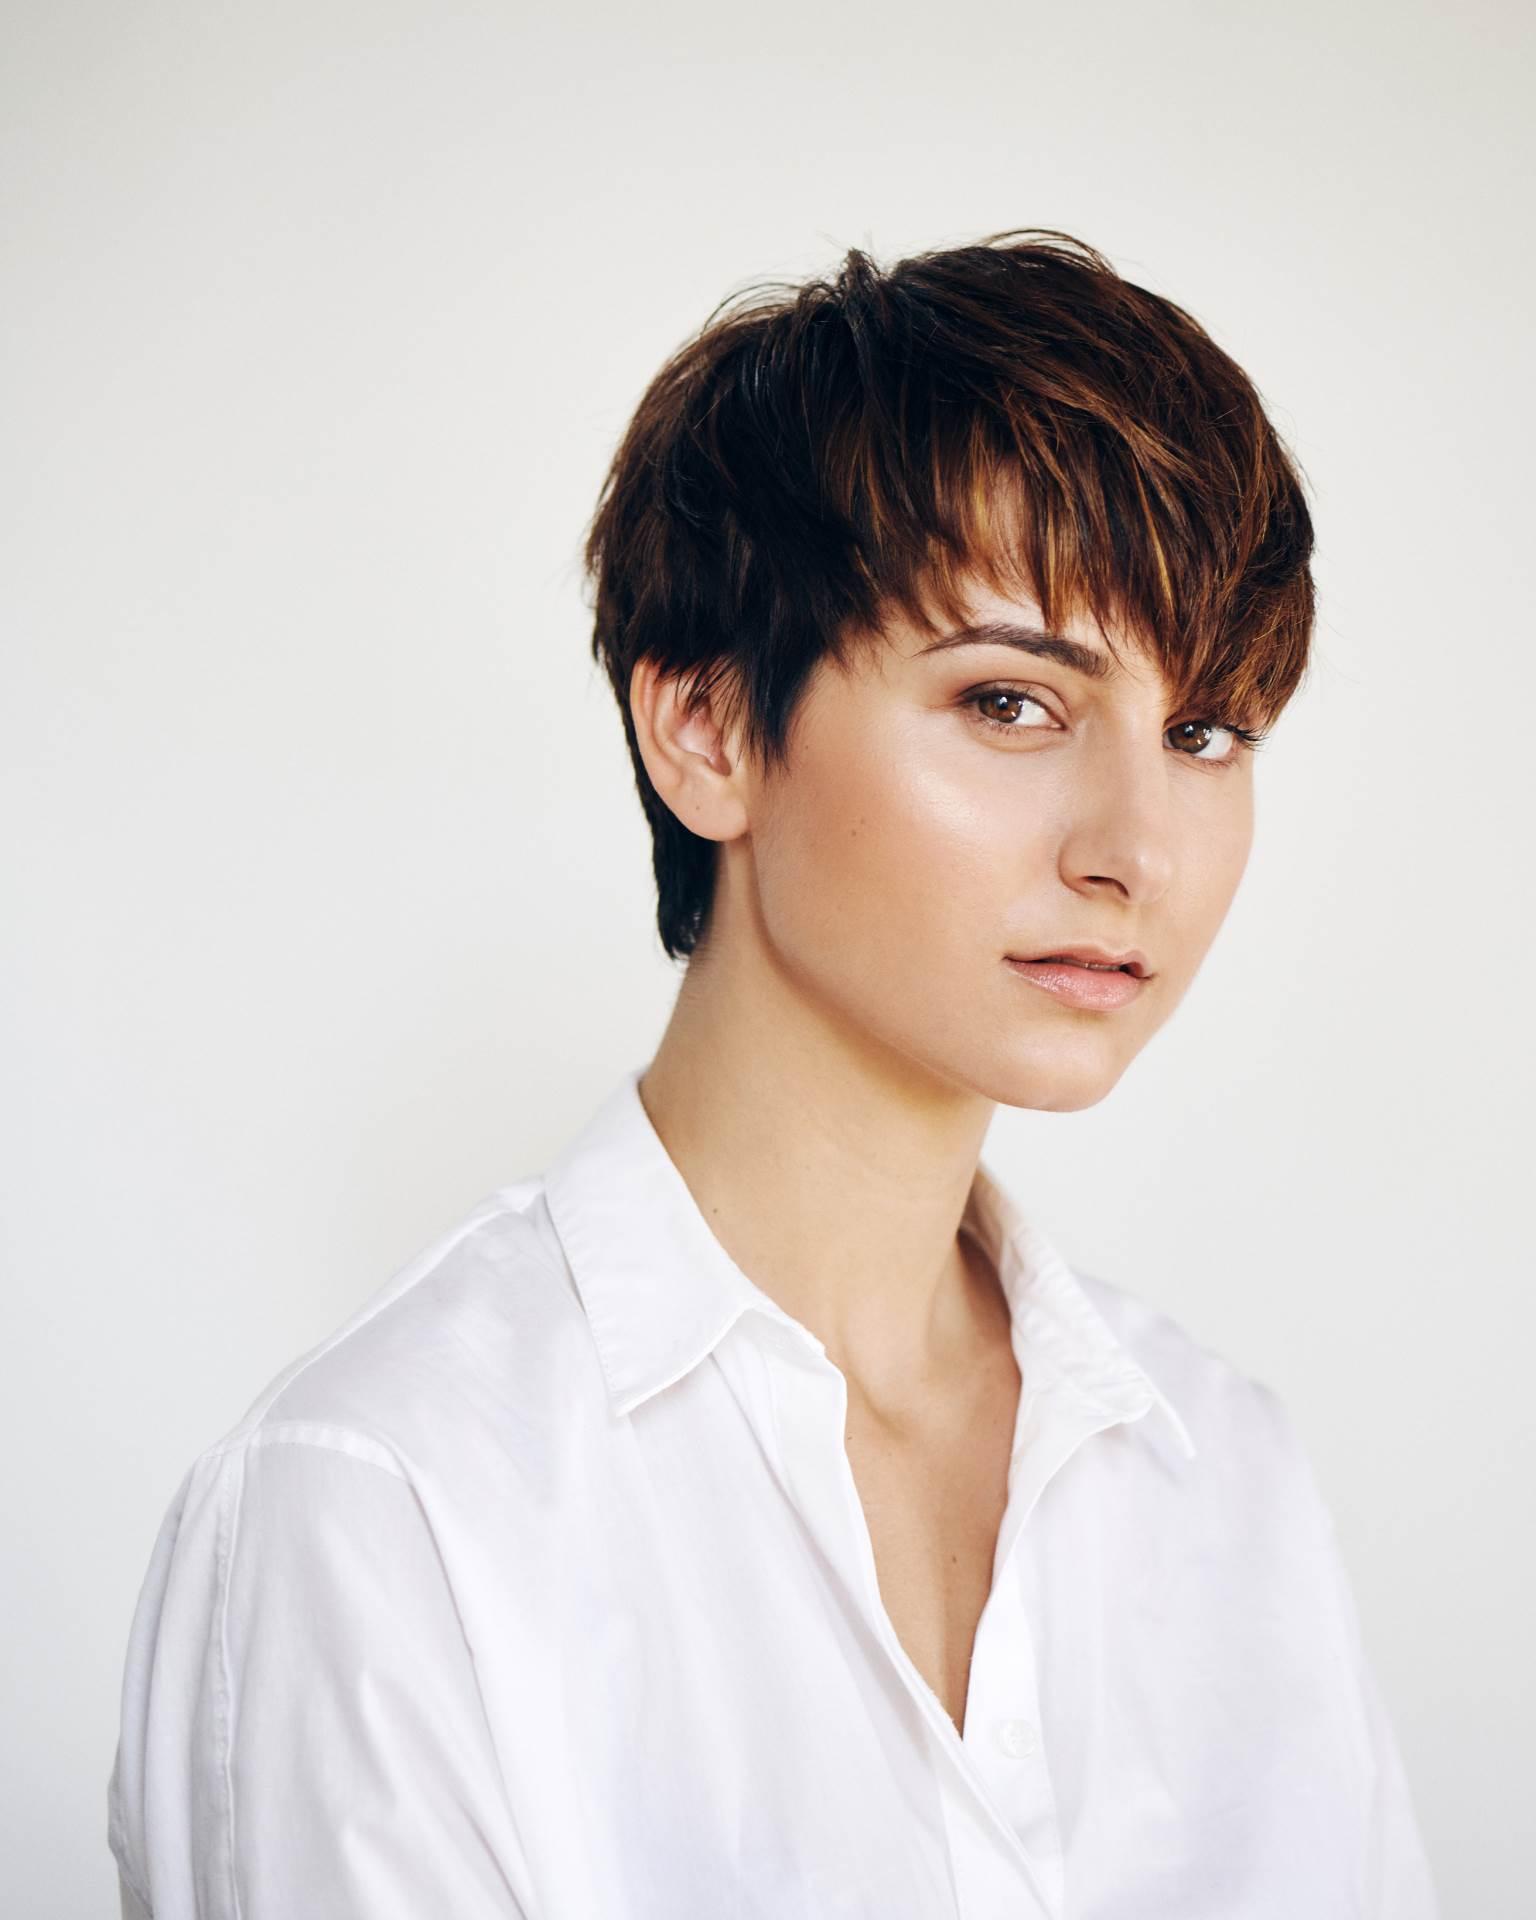 Katarina Madirazza